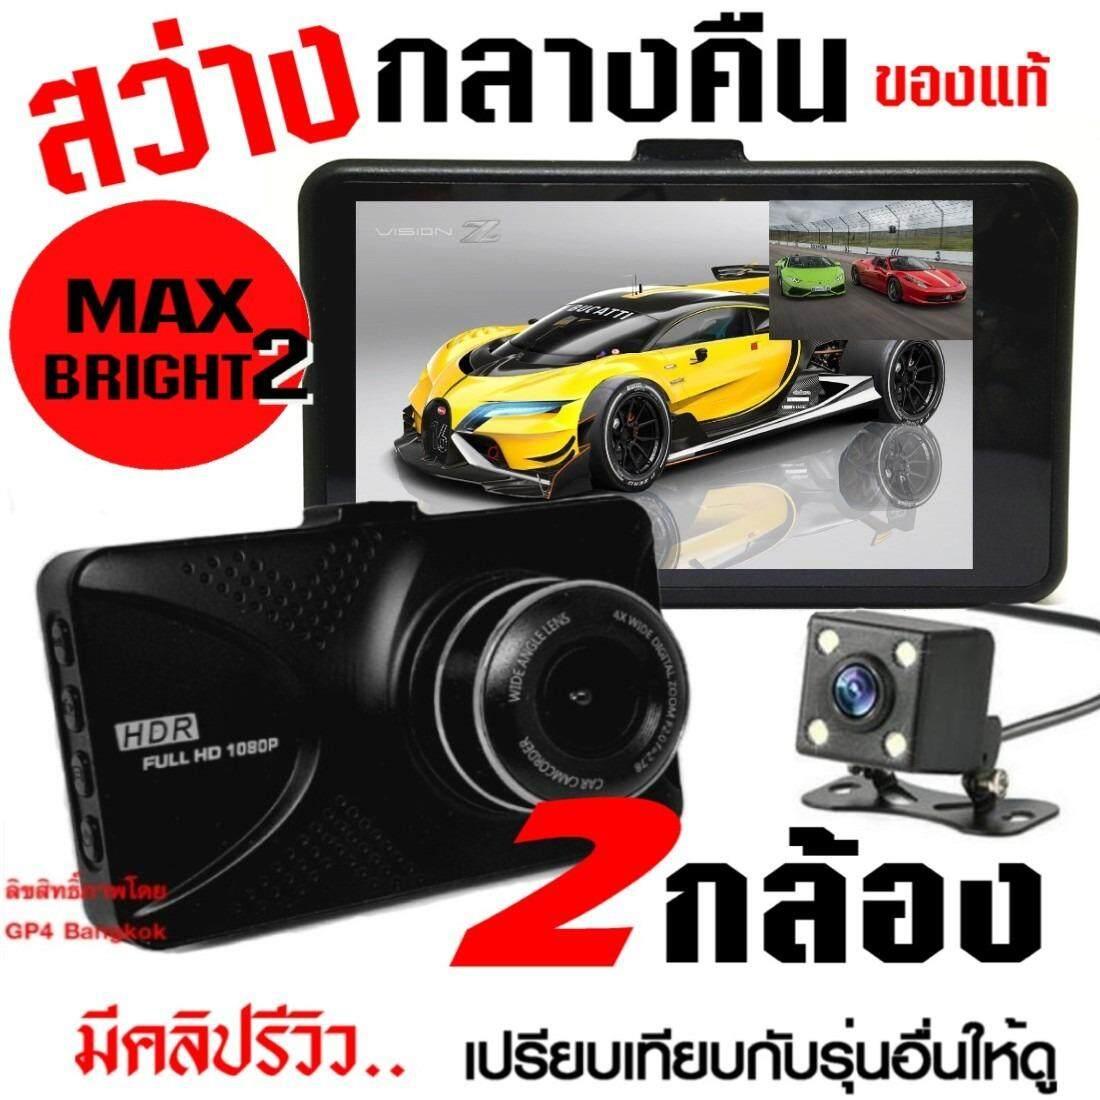 ราคา ราคาถูกที่สุด Gp4 กล้องติดรถยนต์ 2กล้อง หน้า หลัง Wdr Hdr ทำงานร่วมกัน2ระบบ Super Night Vision สว่างกลางคืนของแท้ หน้าจอ 3 2 เมนูไทย Fhd 1080P บอดี้โลหะแข็งแรงทนทาน รุ่น Max Bright2 Black มีกล้องหลังมาให้พร้อมแล้วในชุด